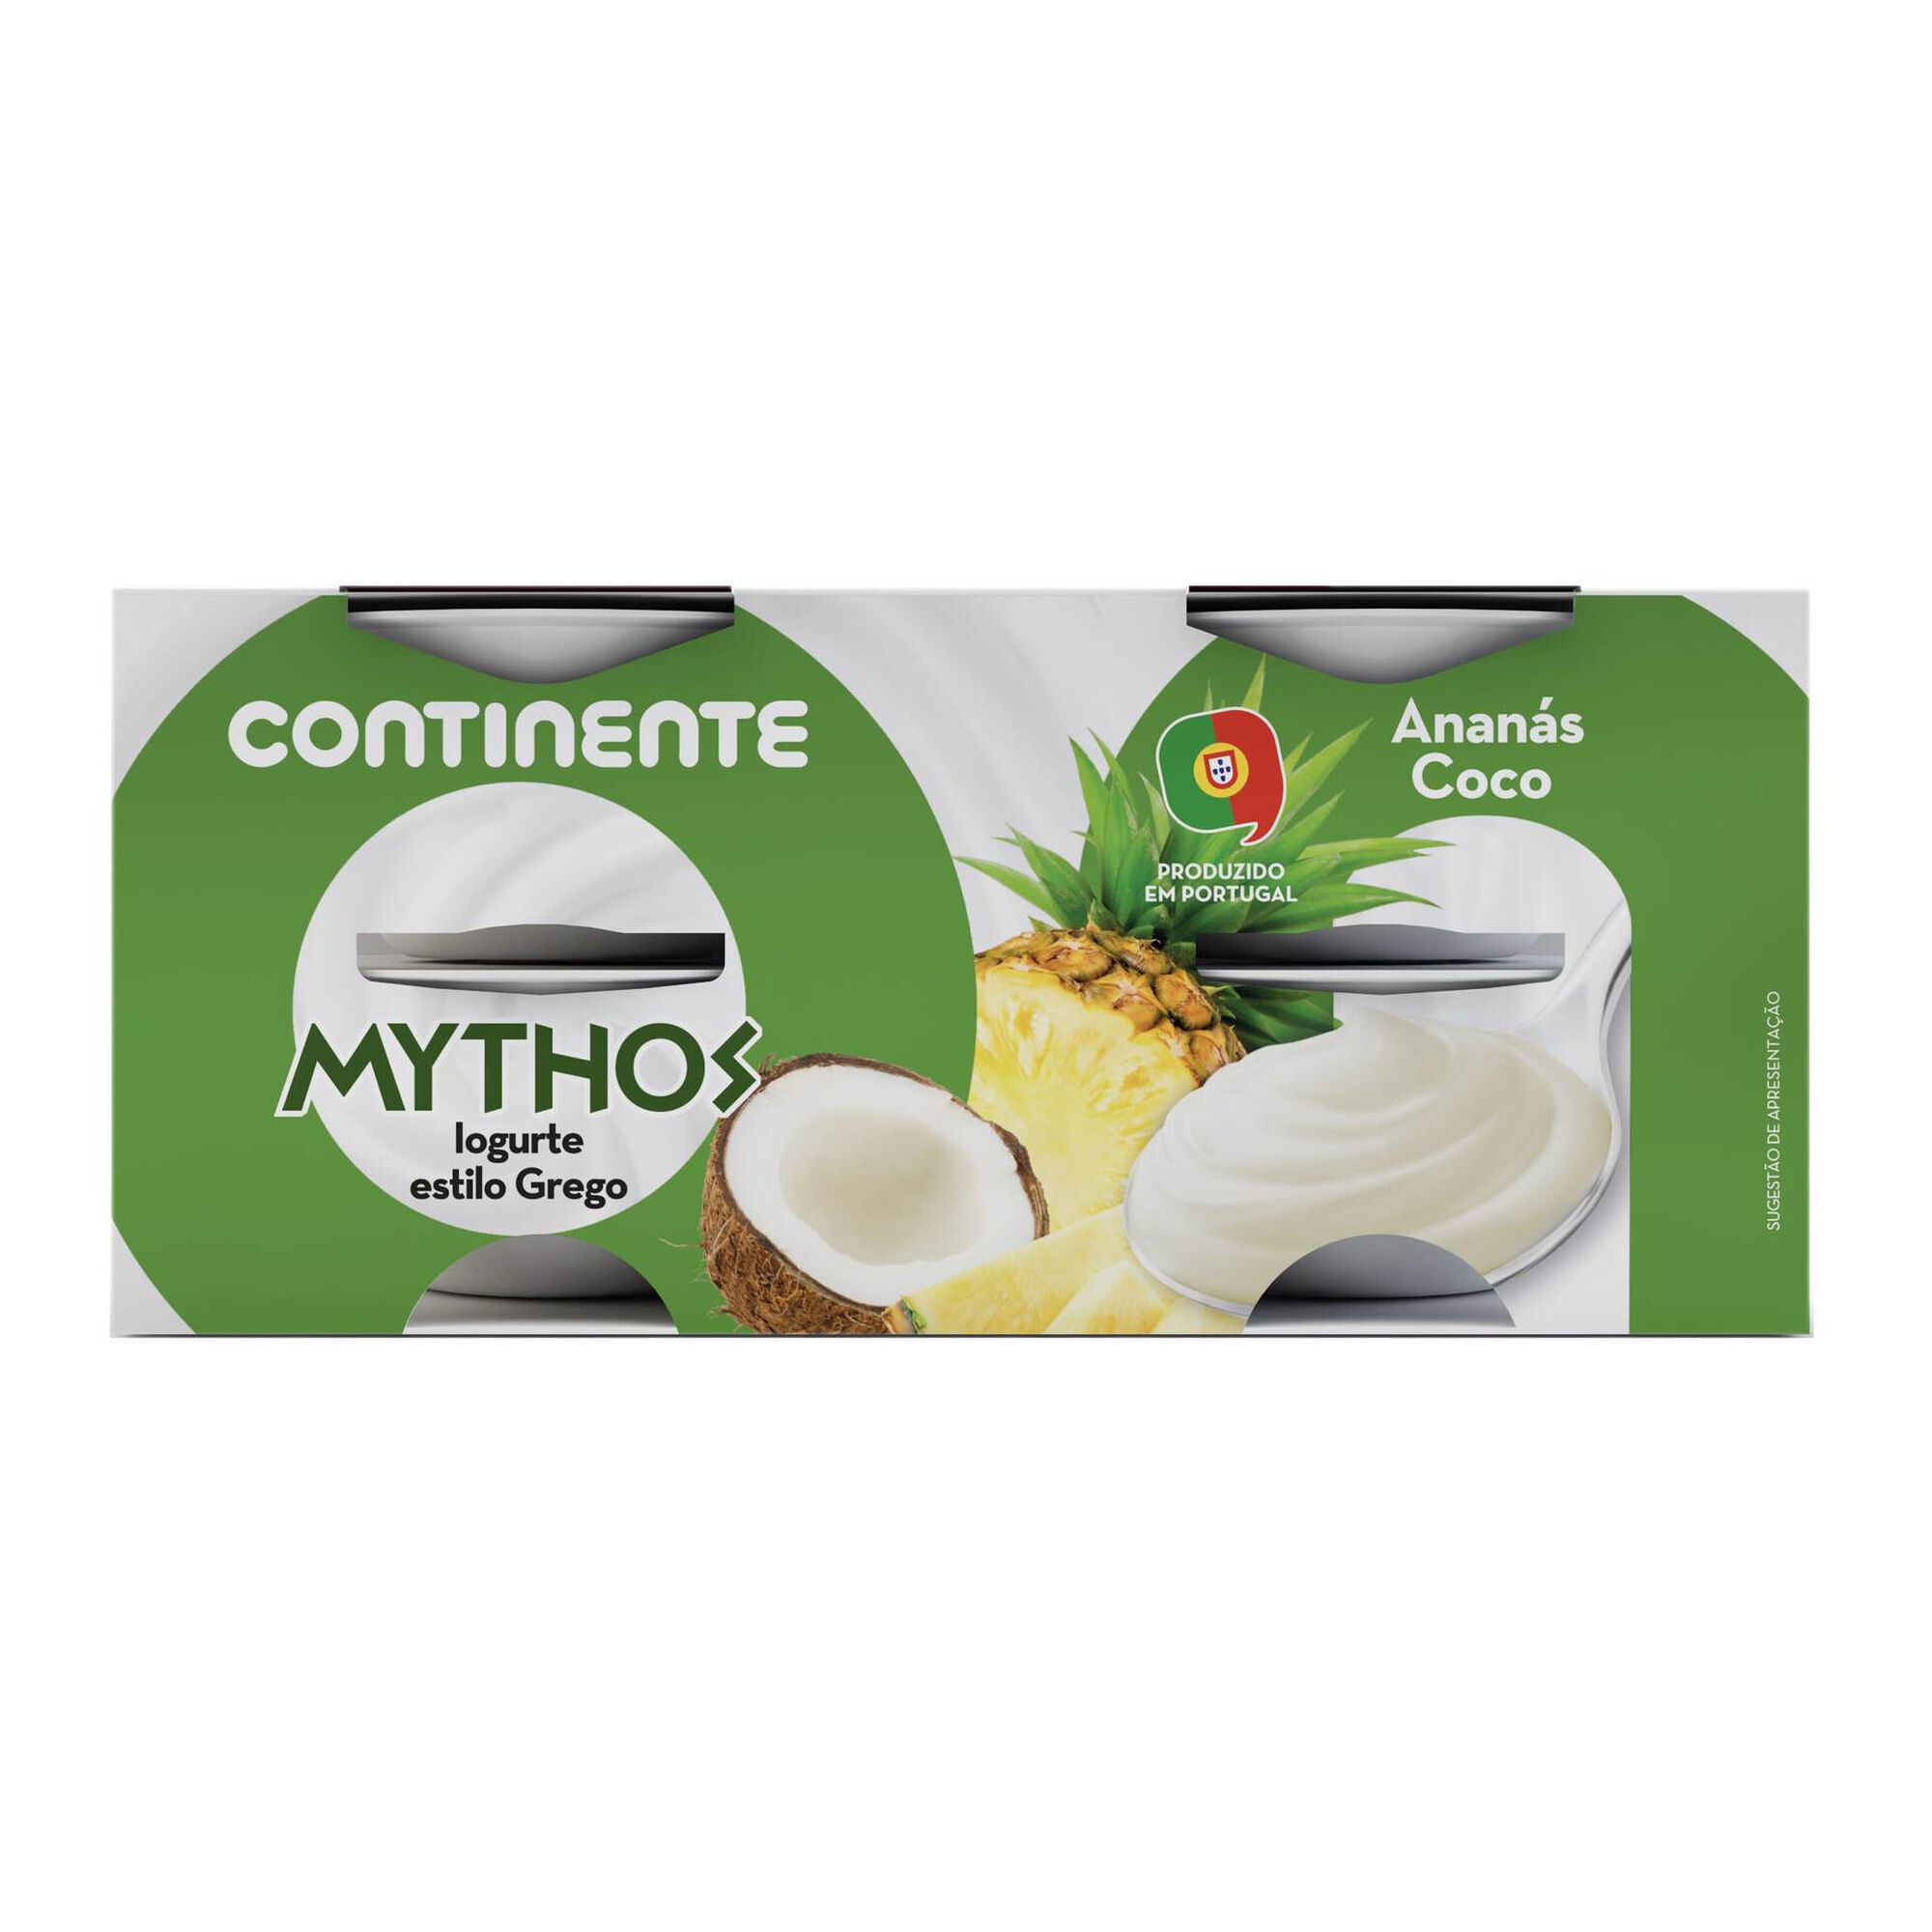 Iogurte Grego Mythos Ananás e Coco